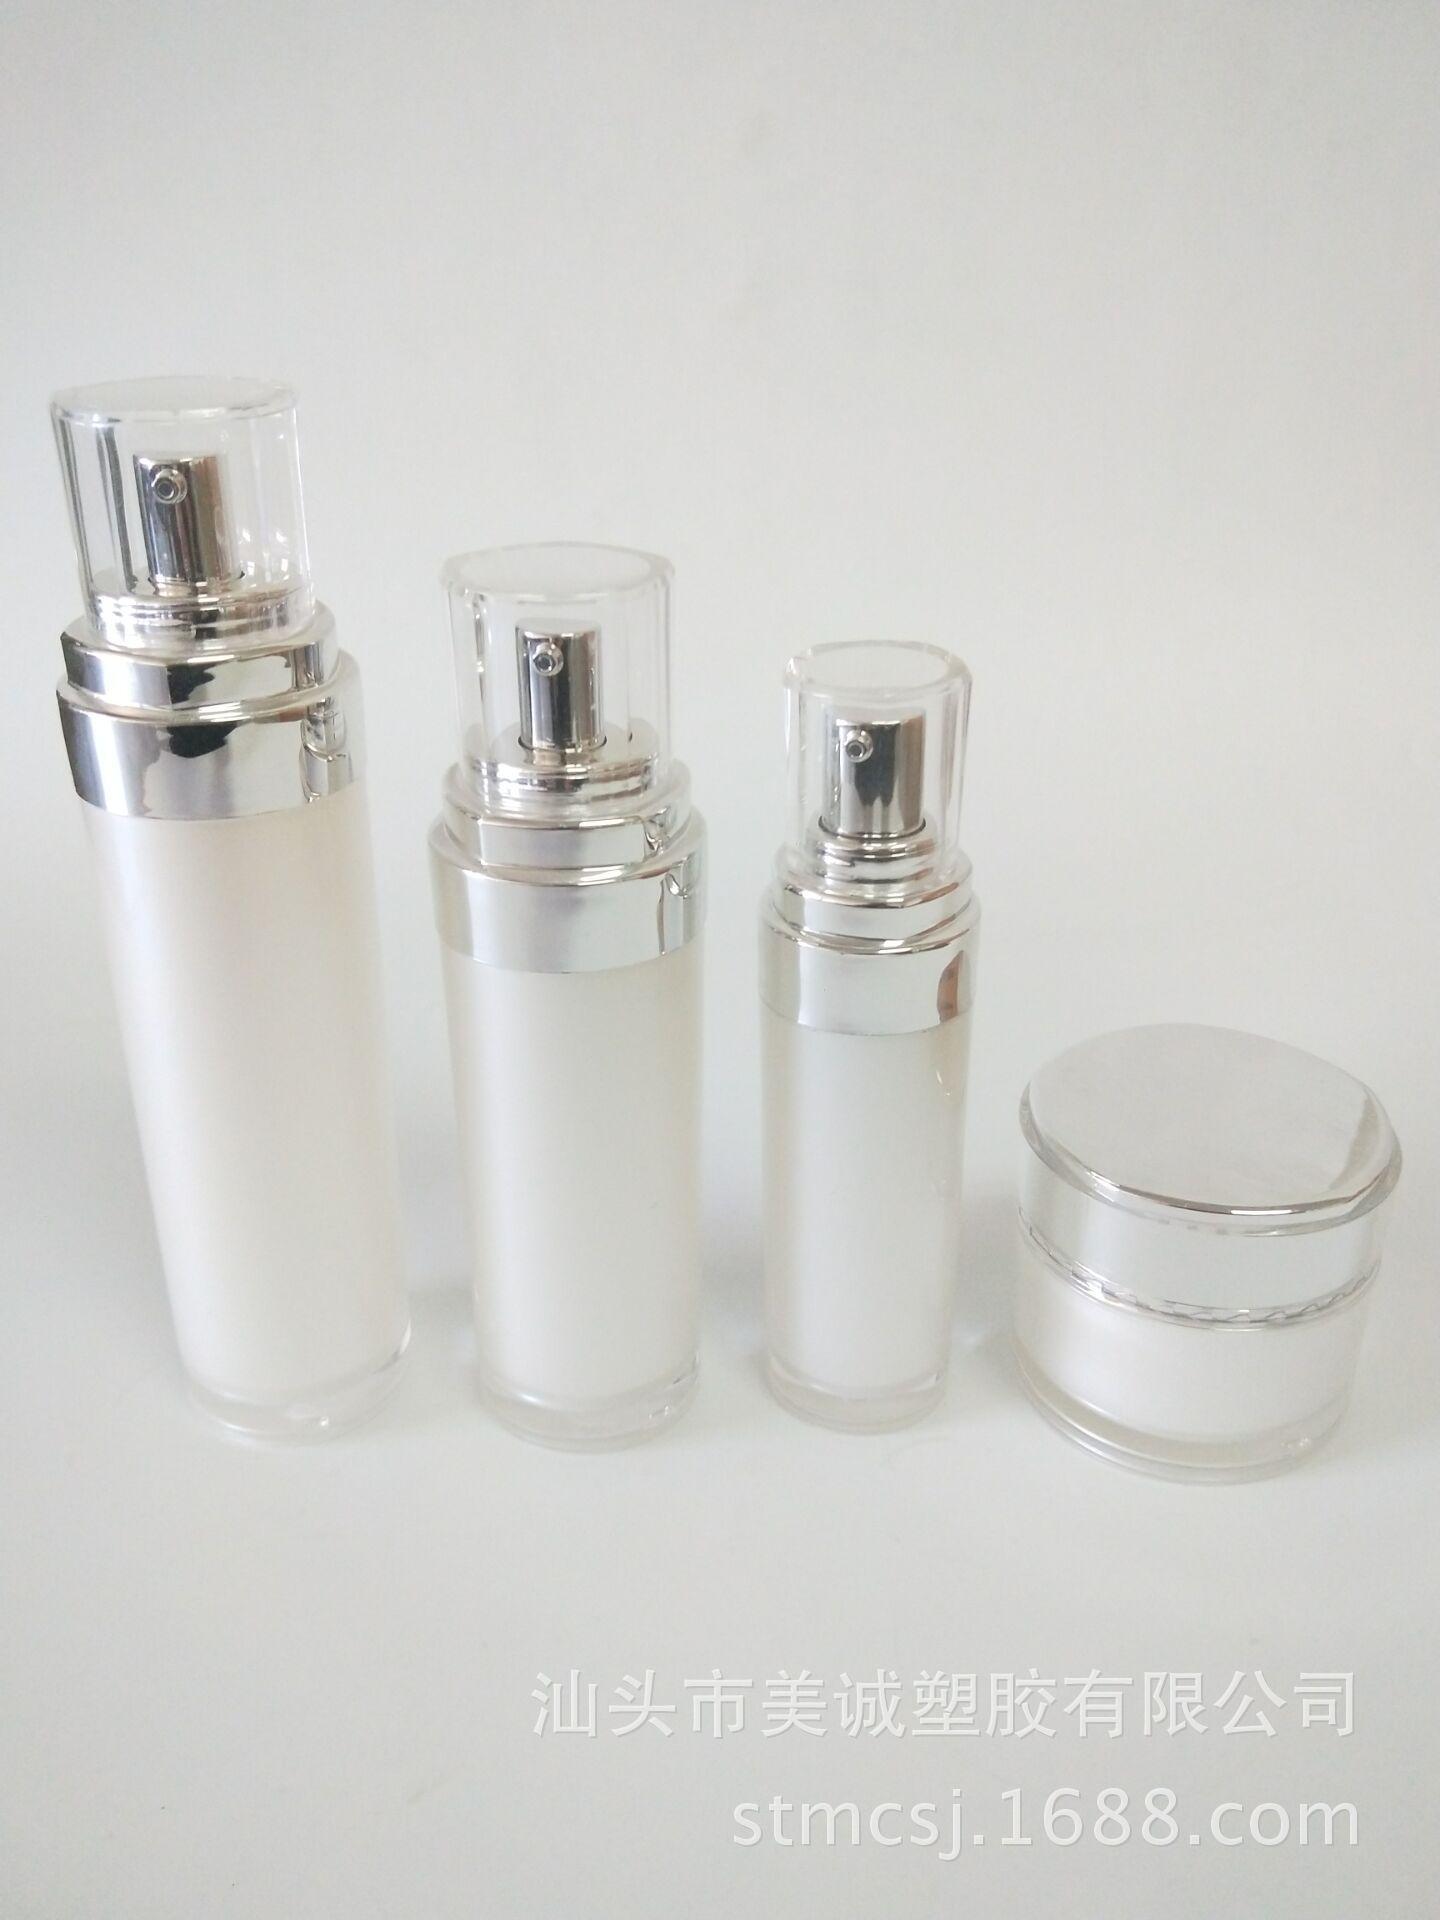 厂家热销高档护肤套装系列 50g膏霜瓶 40ml/60ml/100ml乳液瓶